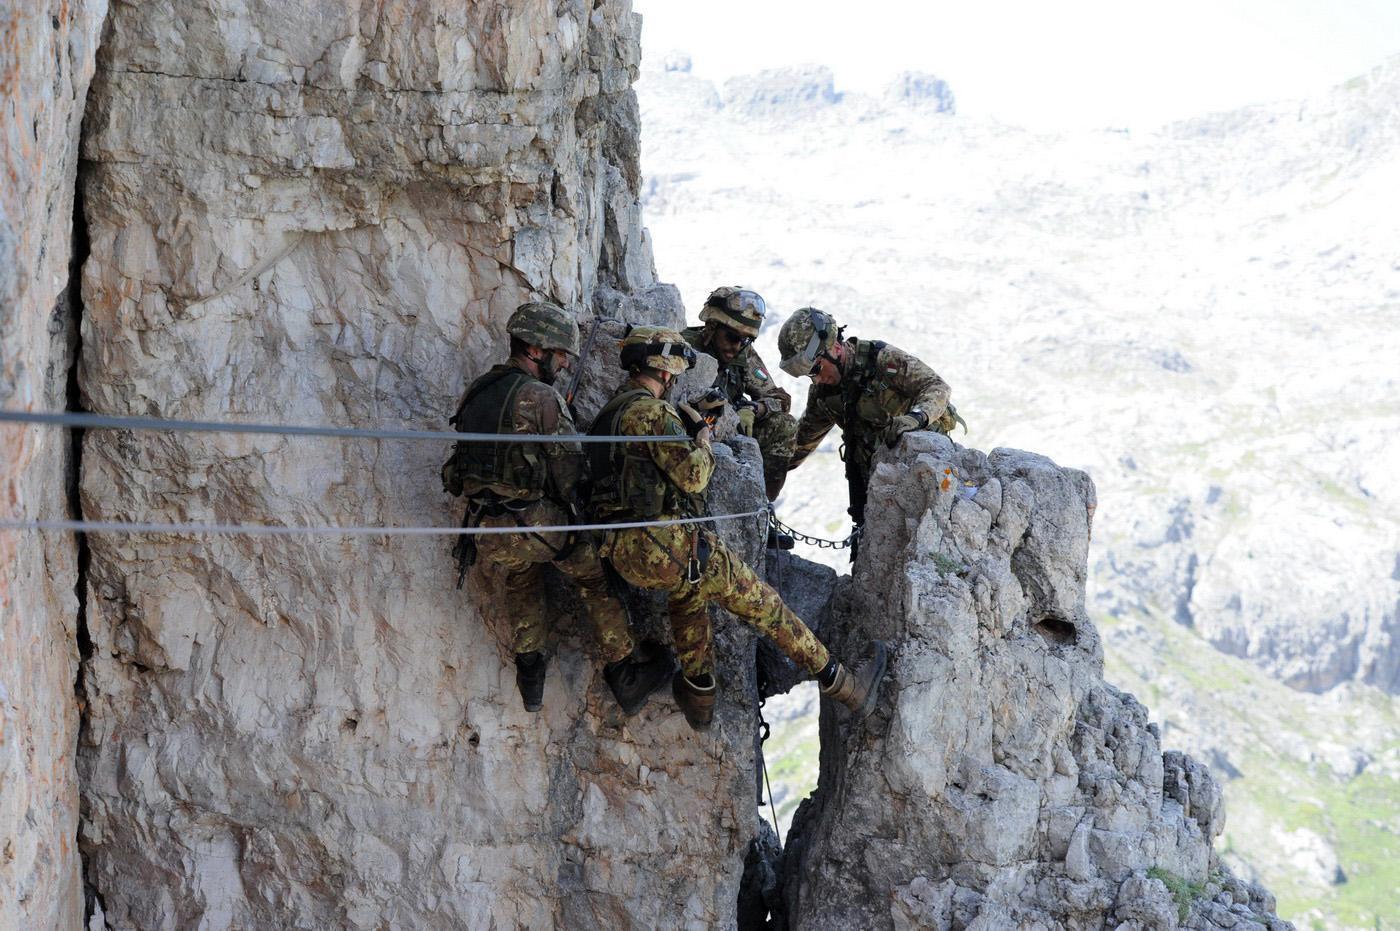 Così l Esercito si addestra fra ascensioni e tecniche di soccorso  (fotogallery) d2e85939a615